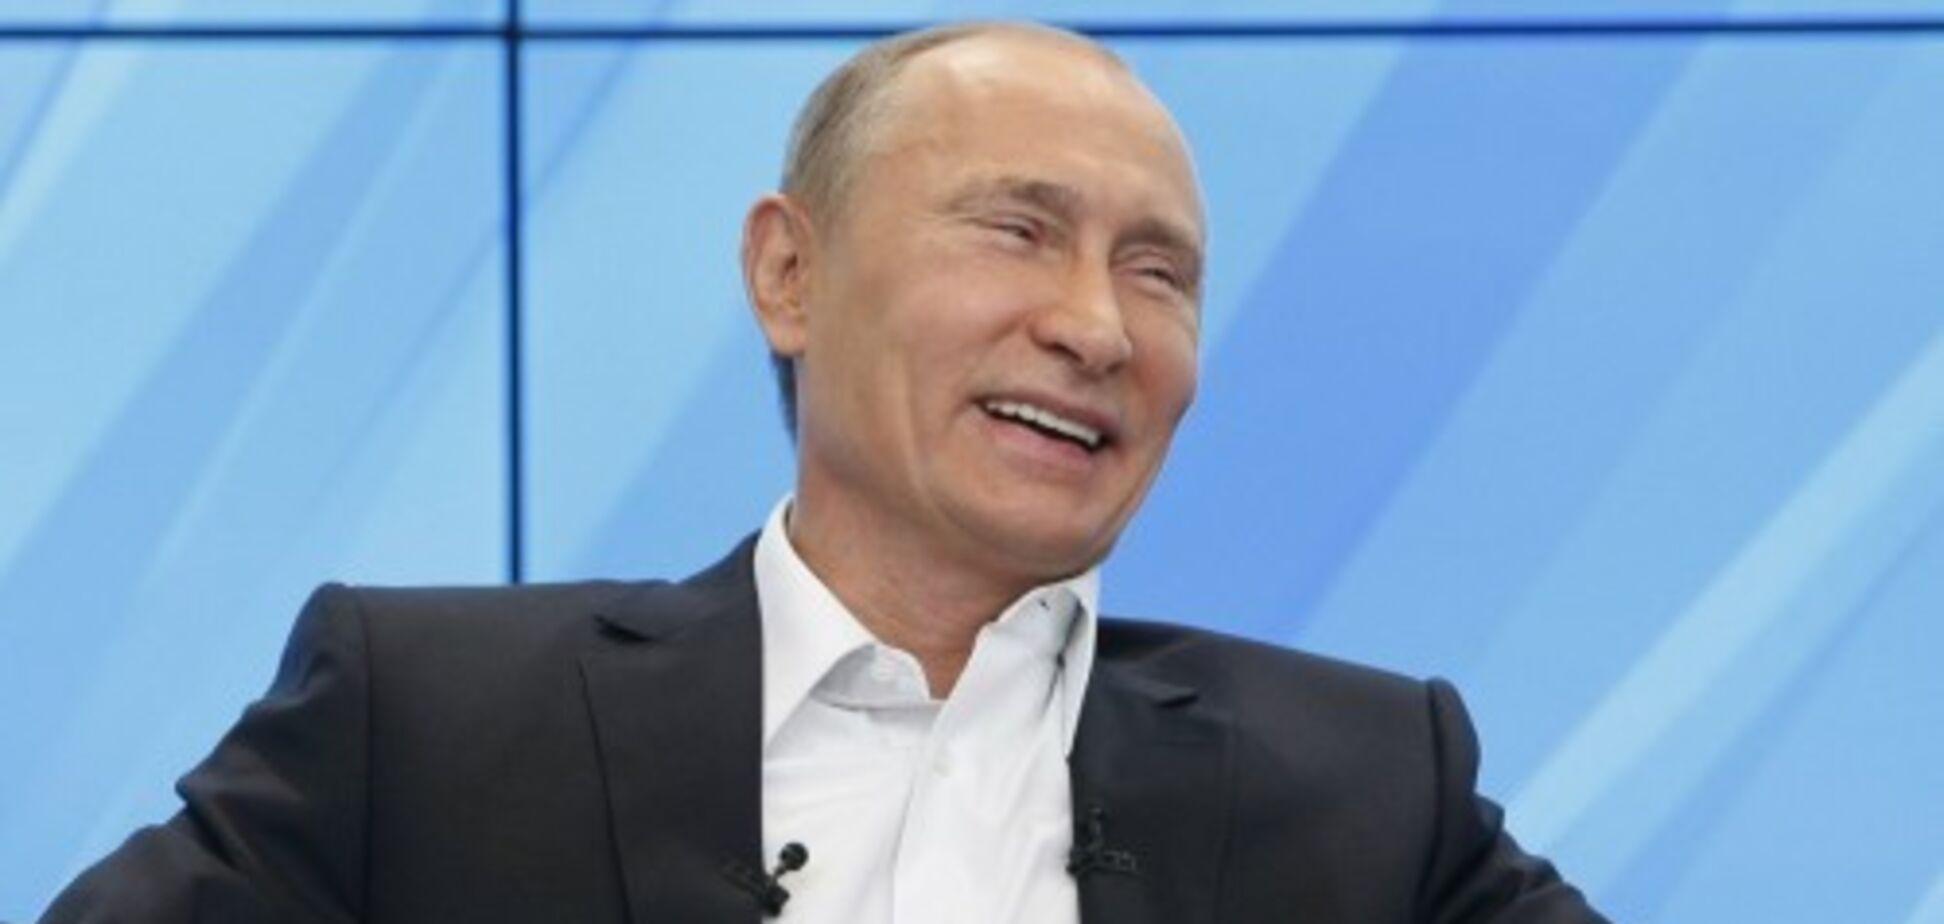 ''Поменяйте его с Петросяном!'' Путин разозлил ''сталинской'' шуткой о Сибири